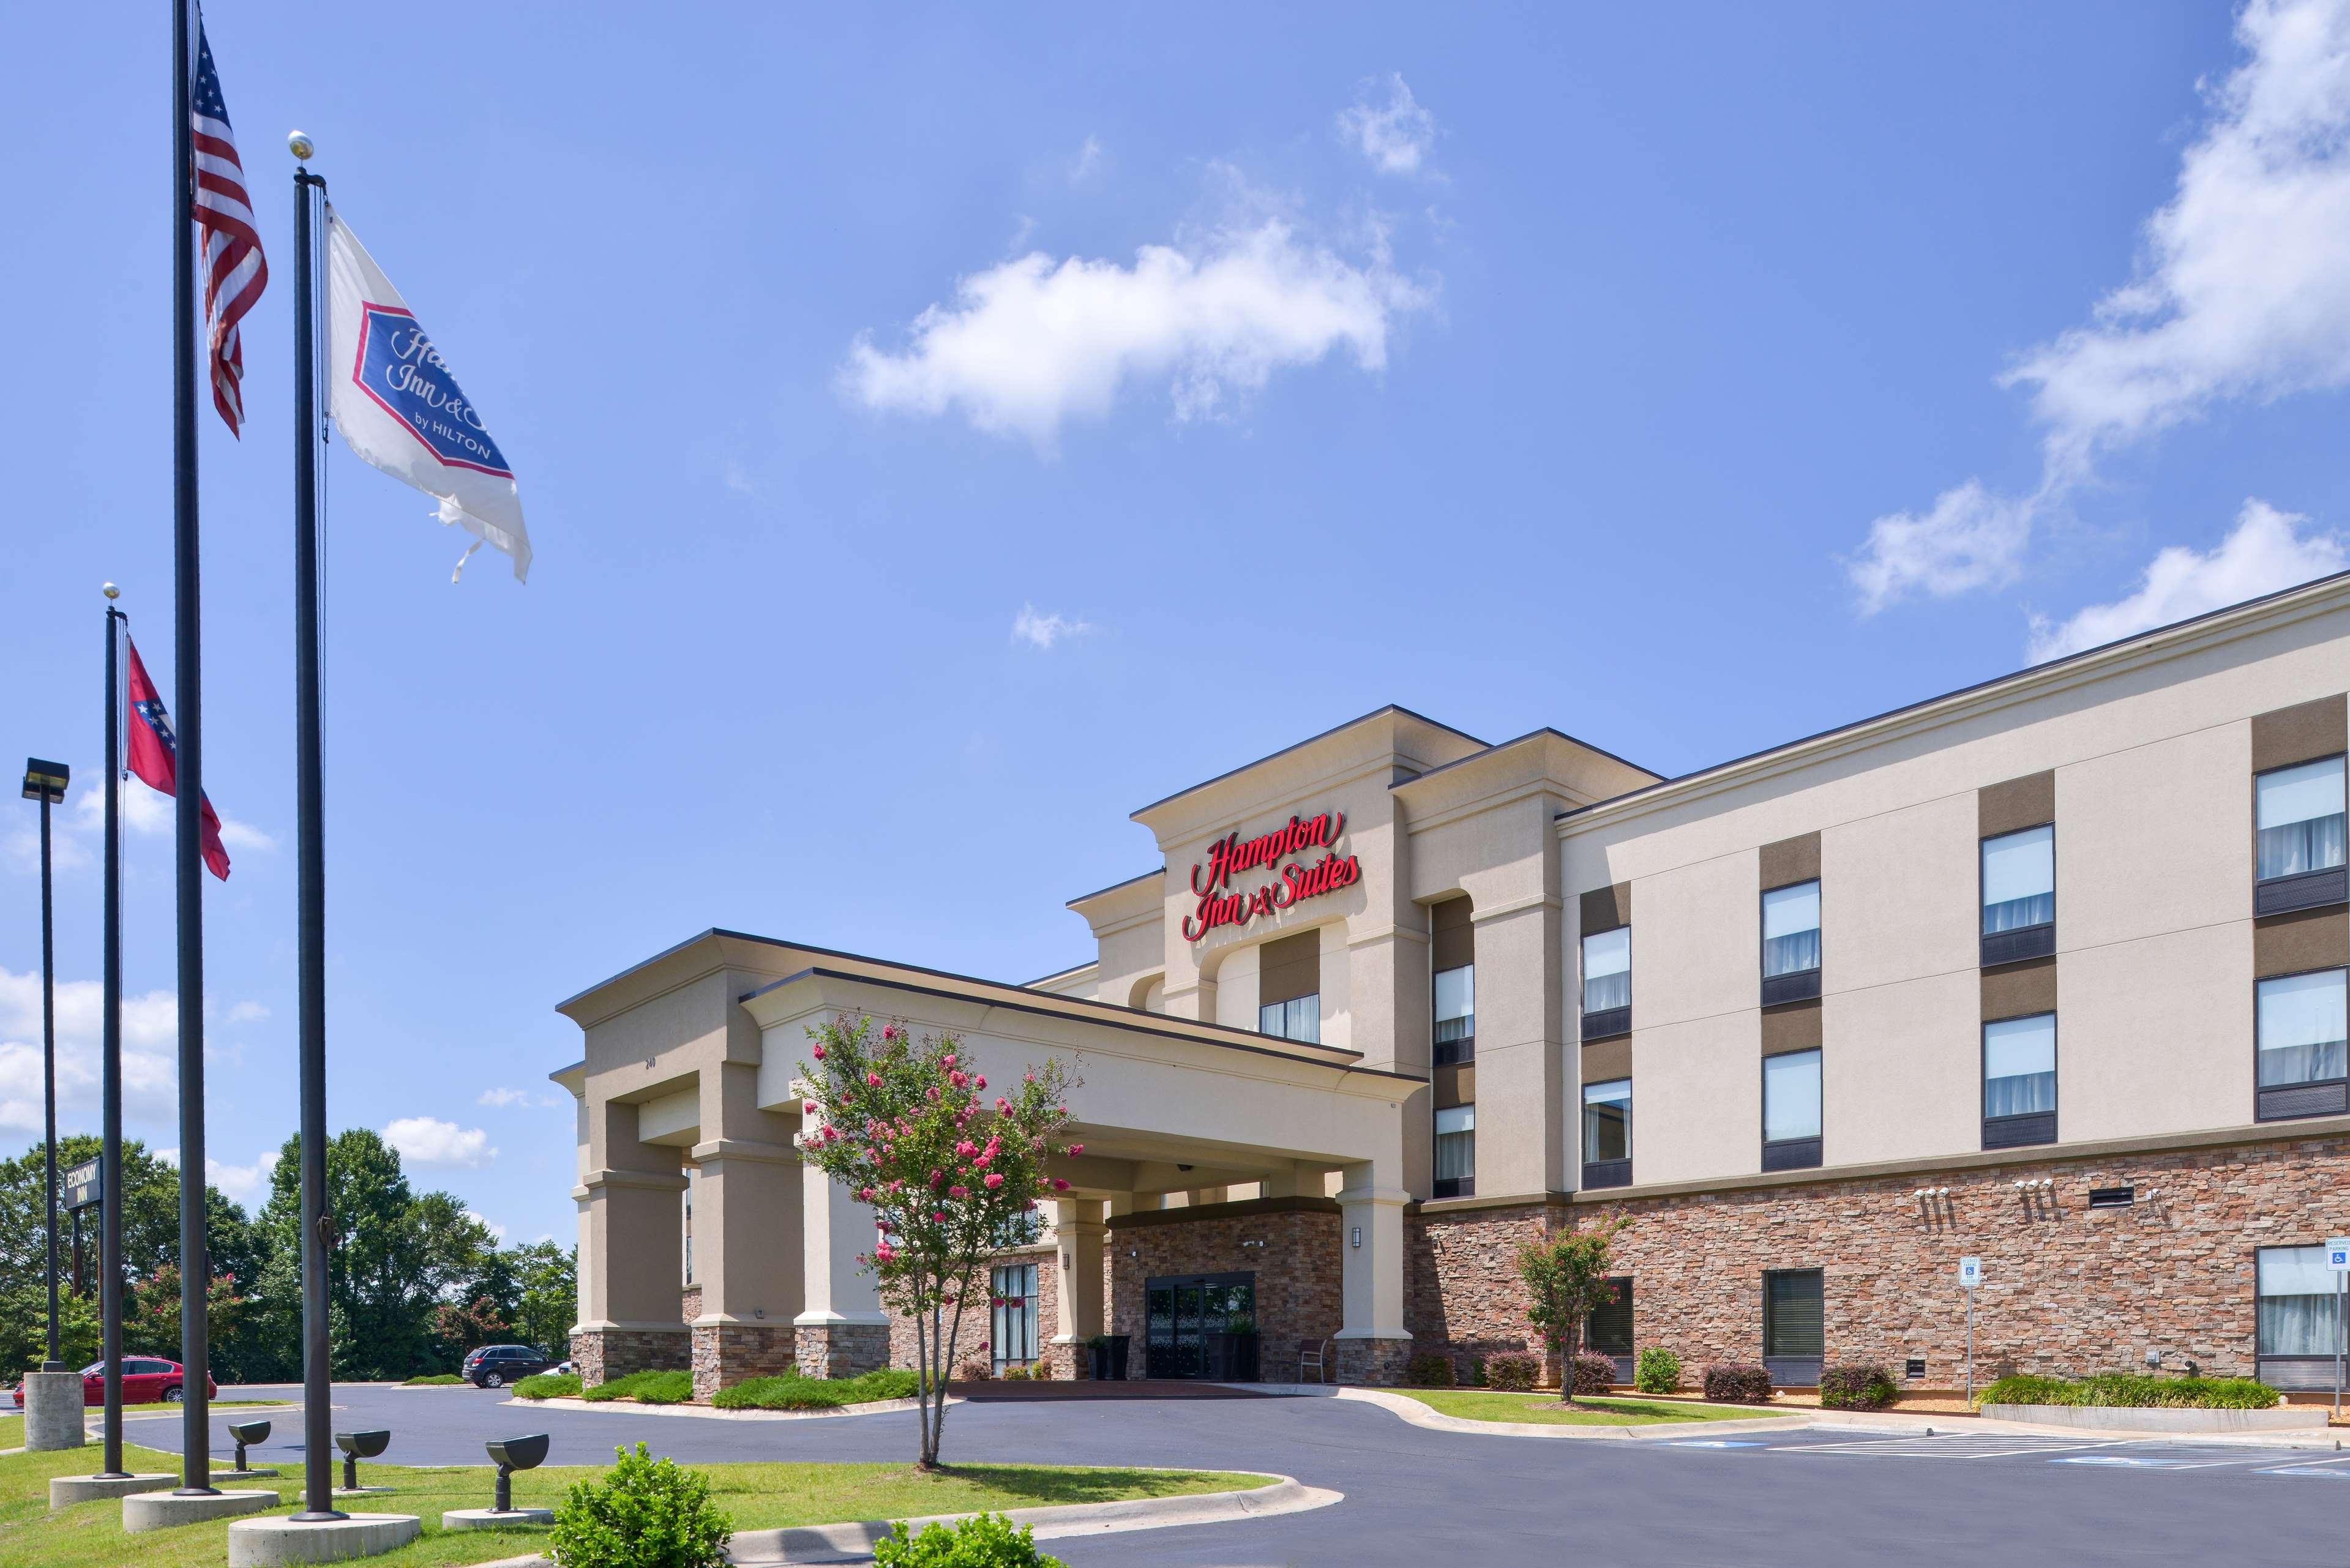 Hampton Inn & Suites Lonoke image 0